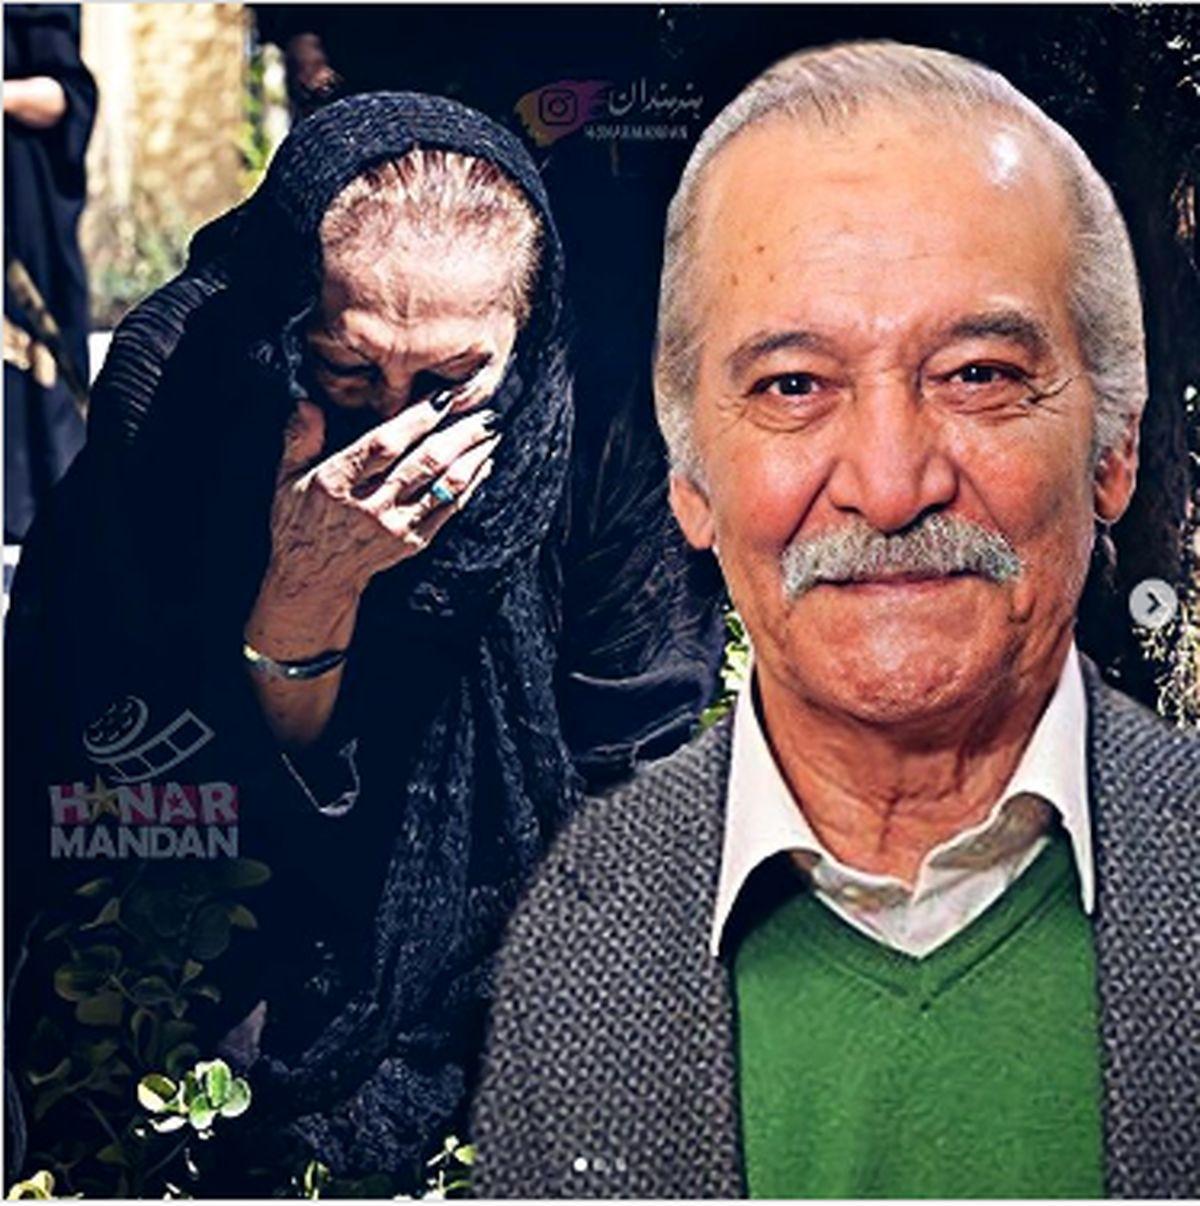 گریه های تلخ همسر سیامک اطلسی در روز خاکسپاری +عکس